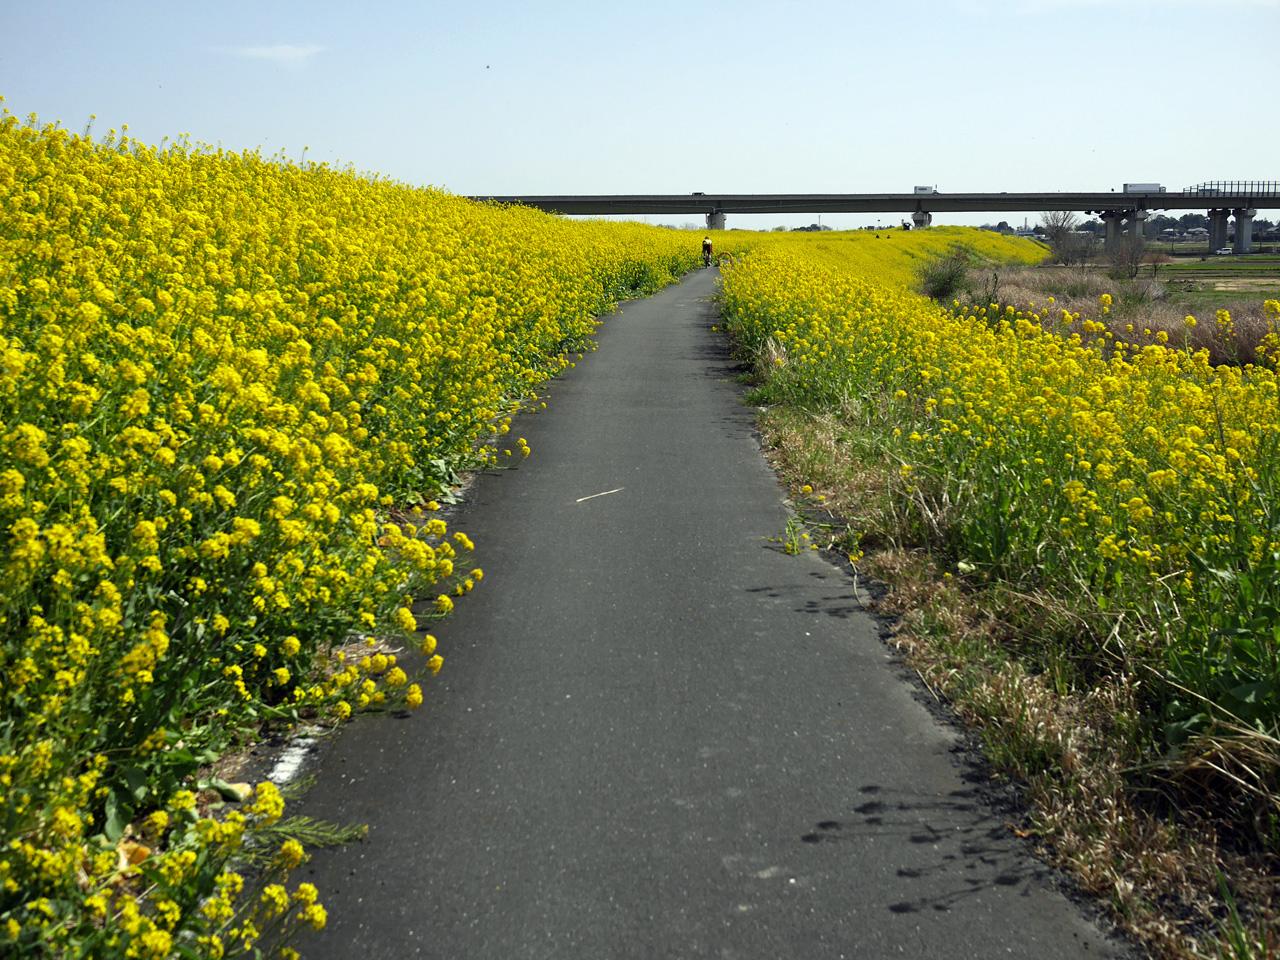 黄色い絨毯のように続く荒サイの菜の花